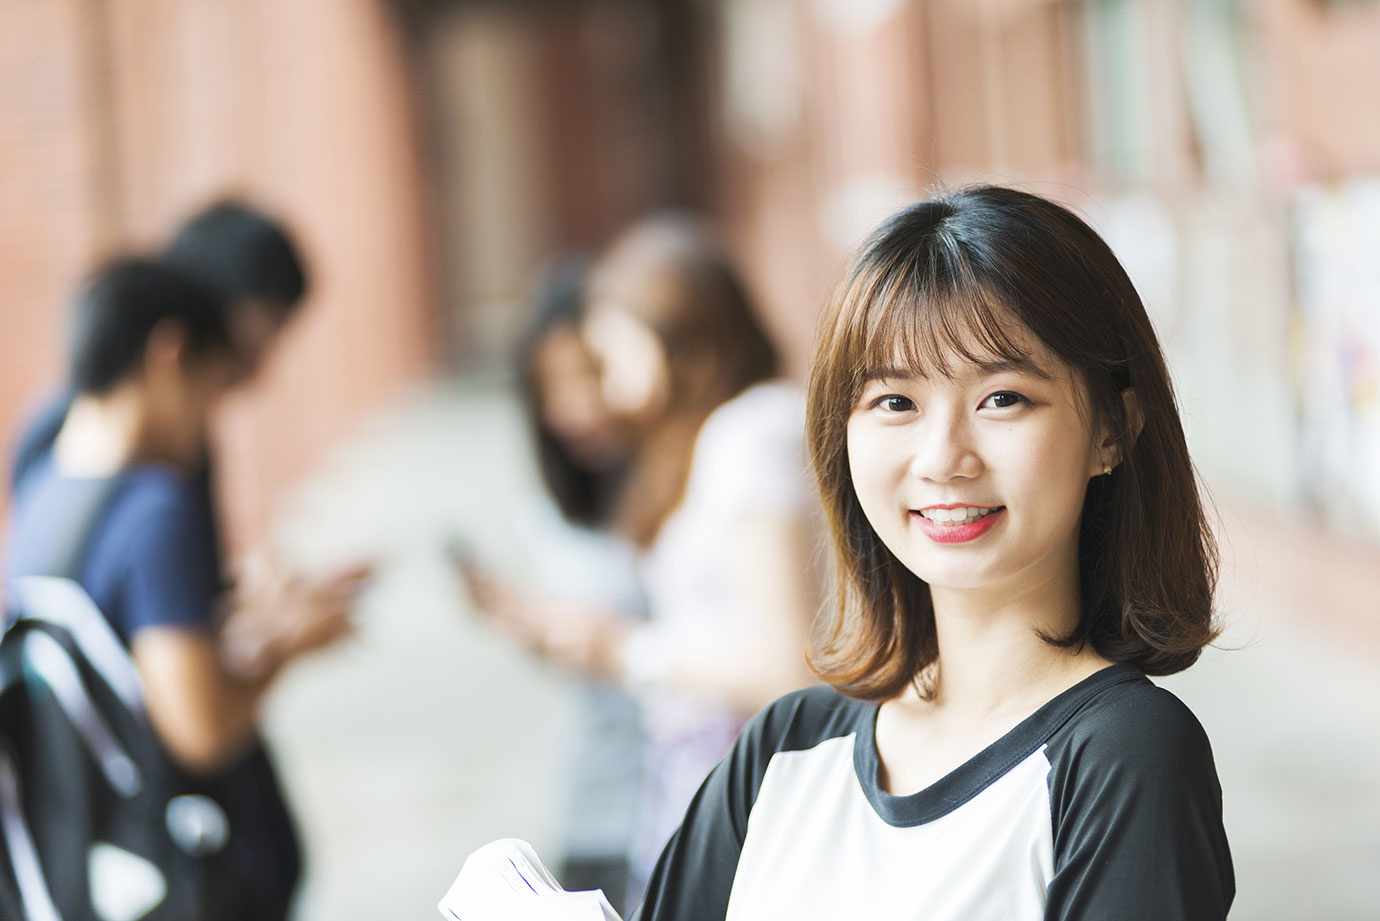 大学生が一人暮らしをして得られるメリットとデメリットを比較!夢のキャンパスライフに楽しい一人暮らし